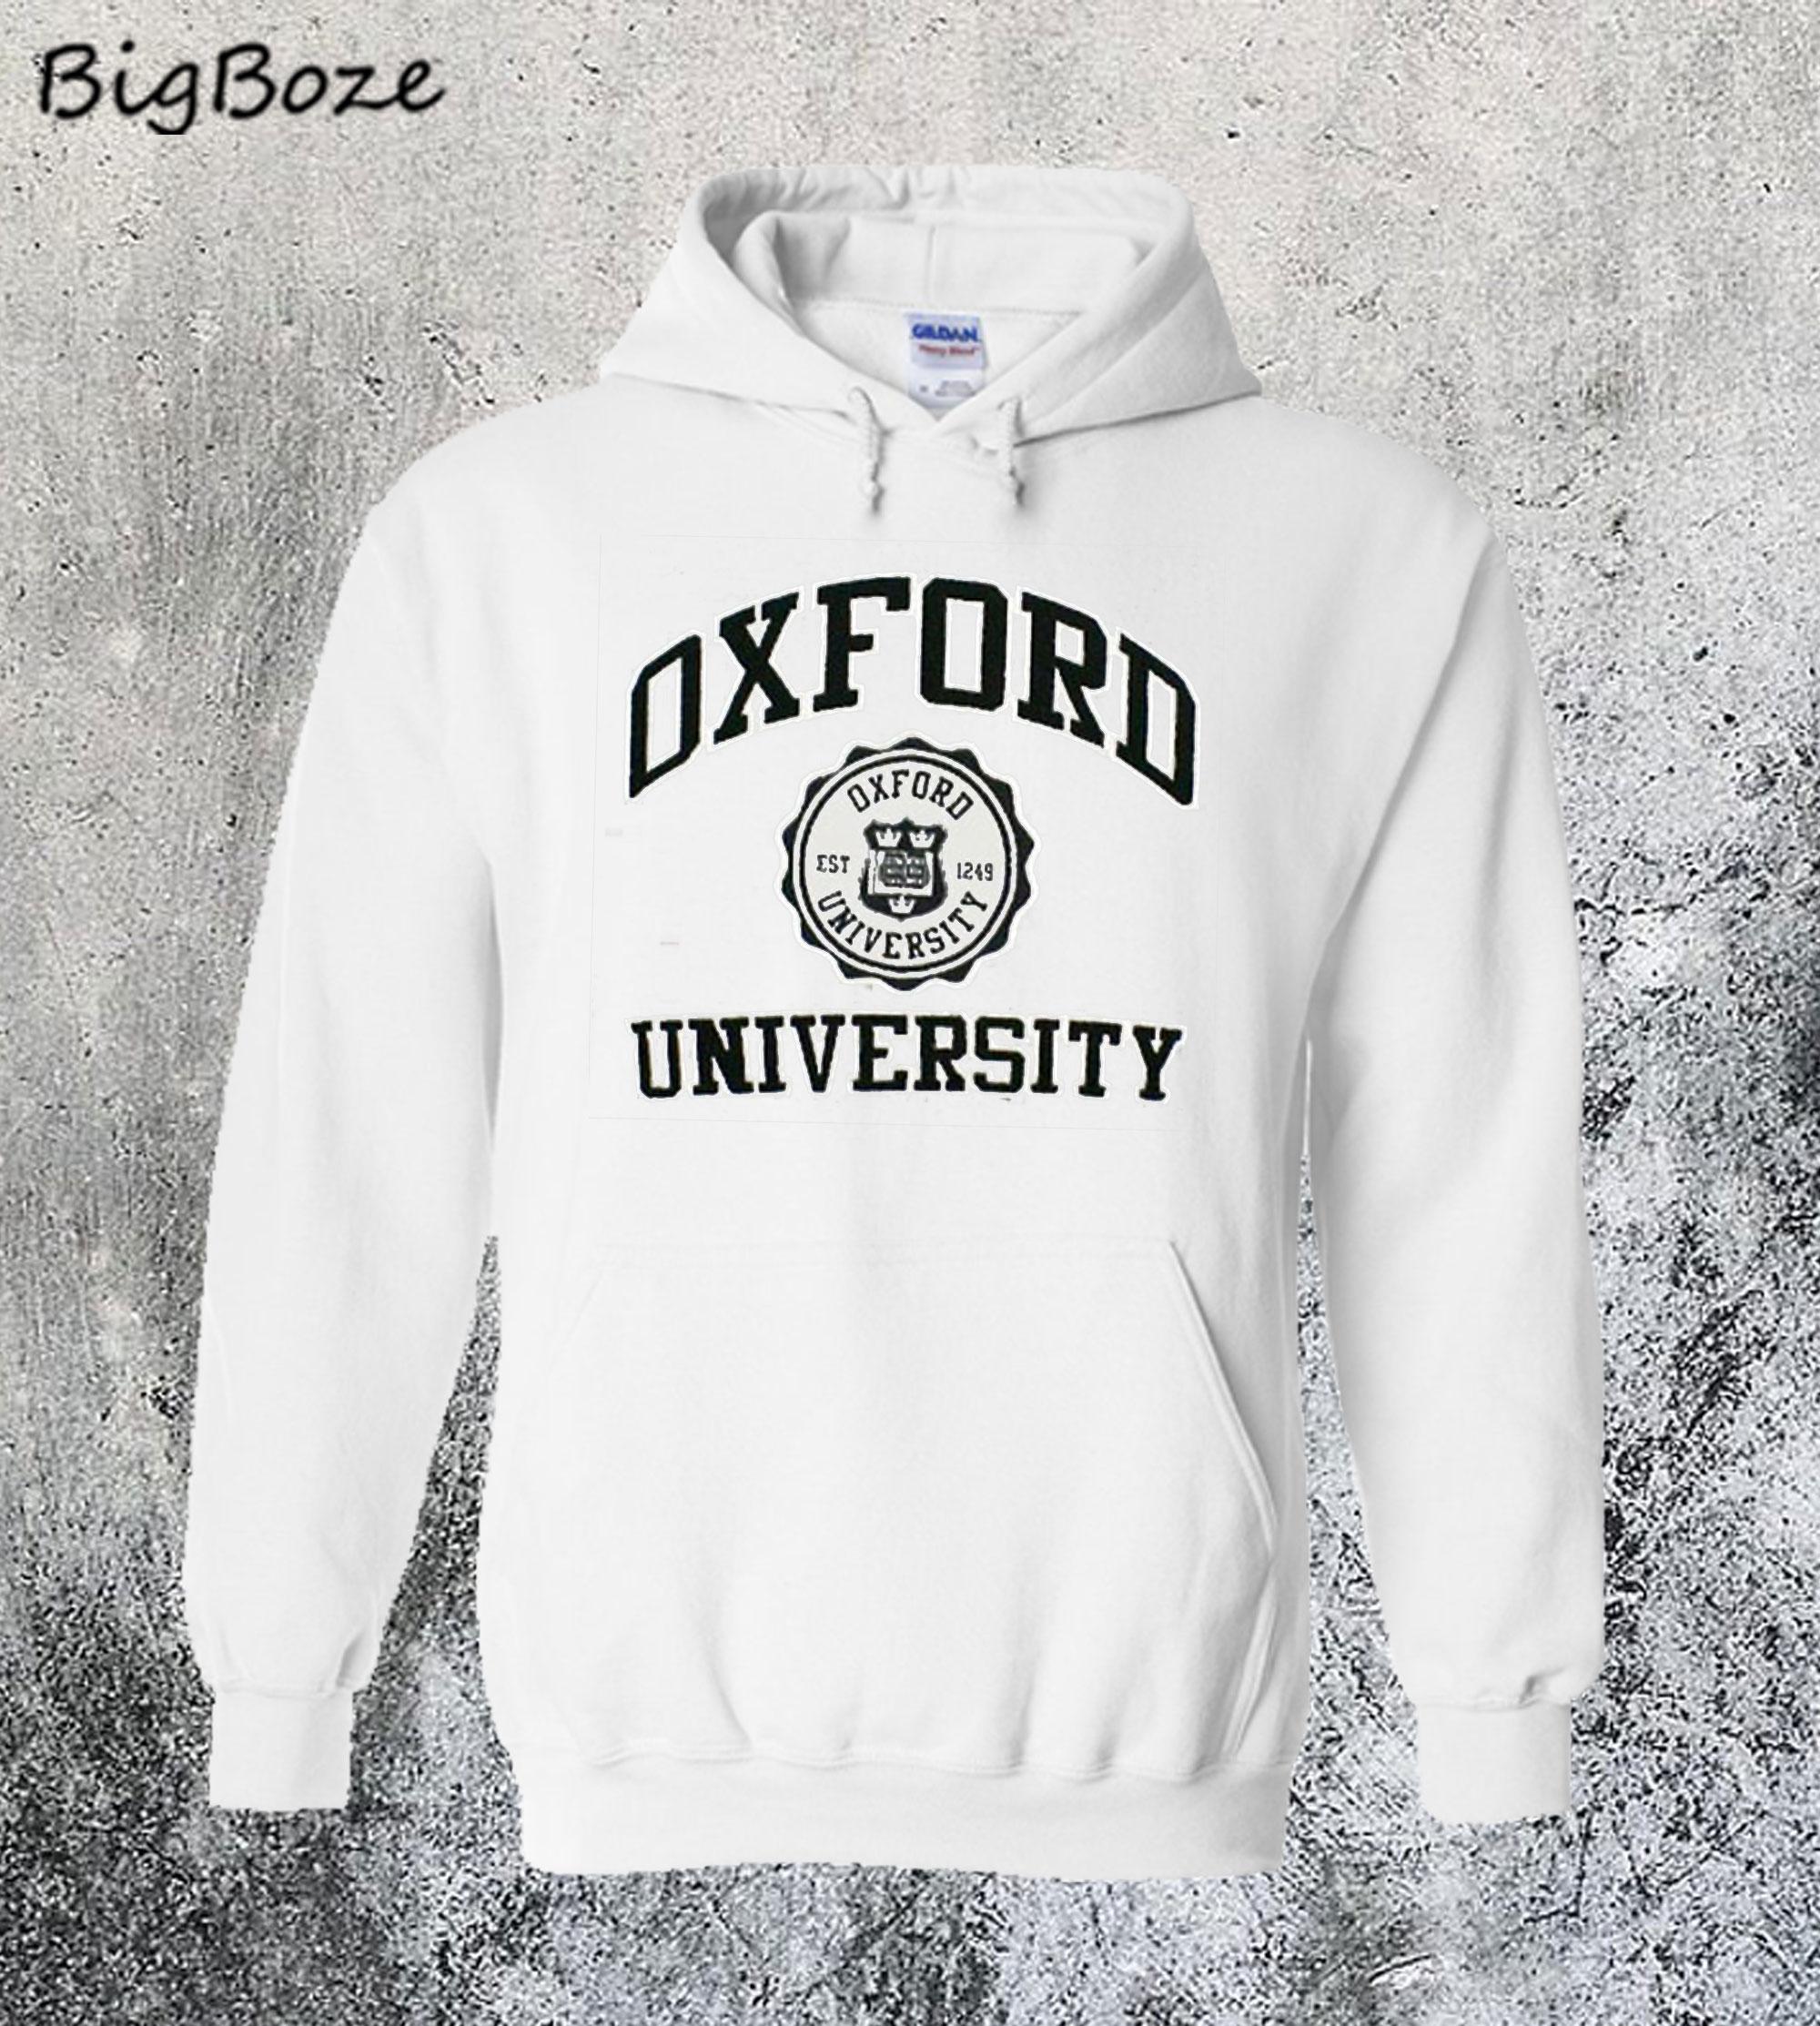 University of Oxford Hoodie